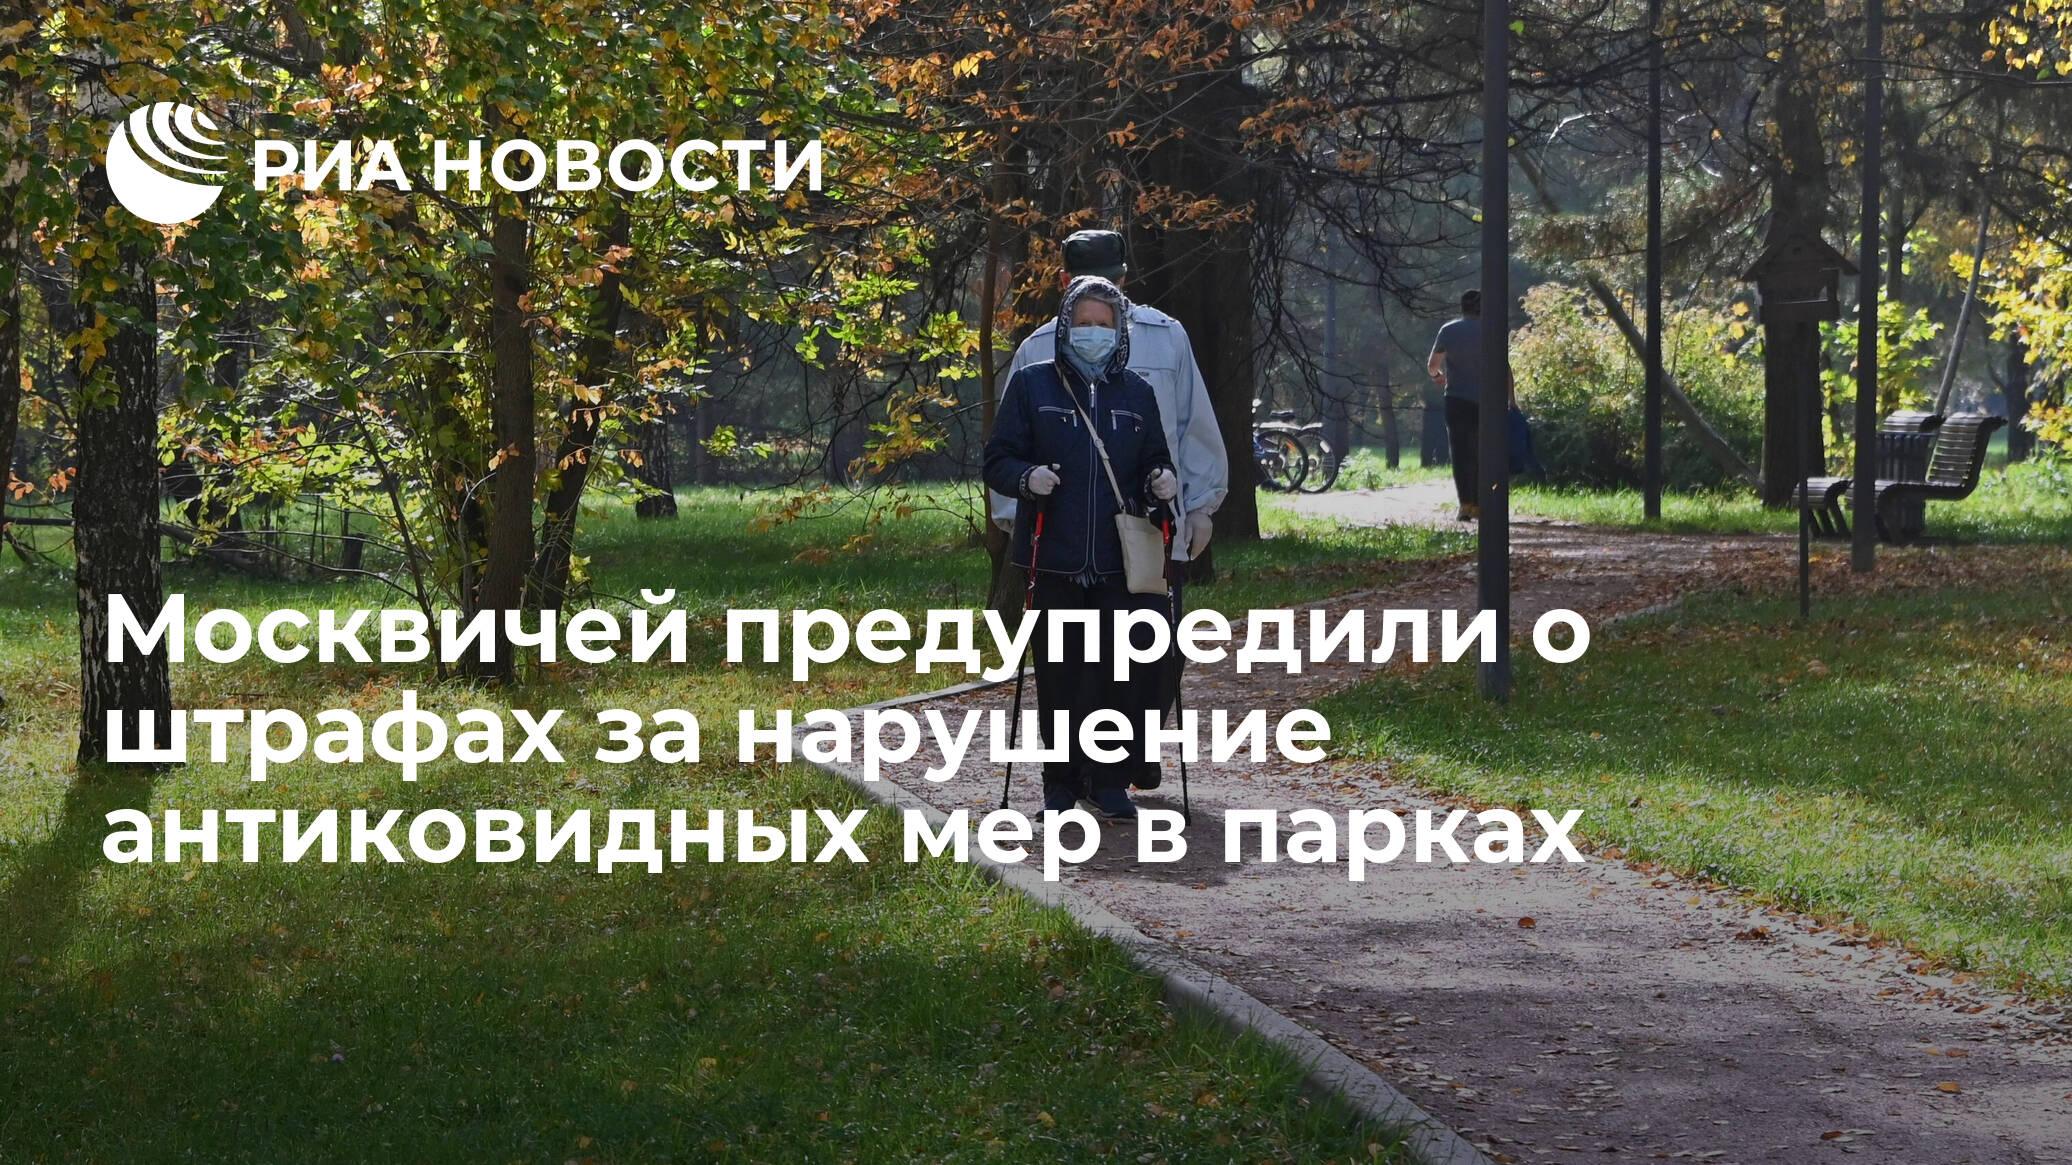 Штраф за нарушение мер по коронавирусу в московских парках составит четыре тысячи рублей